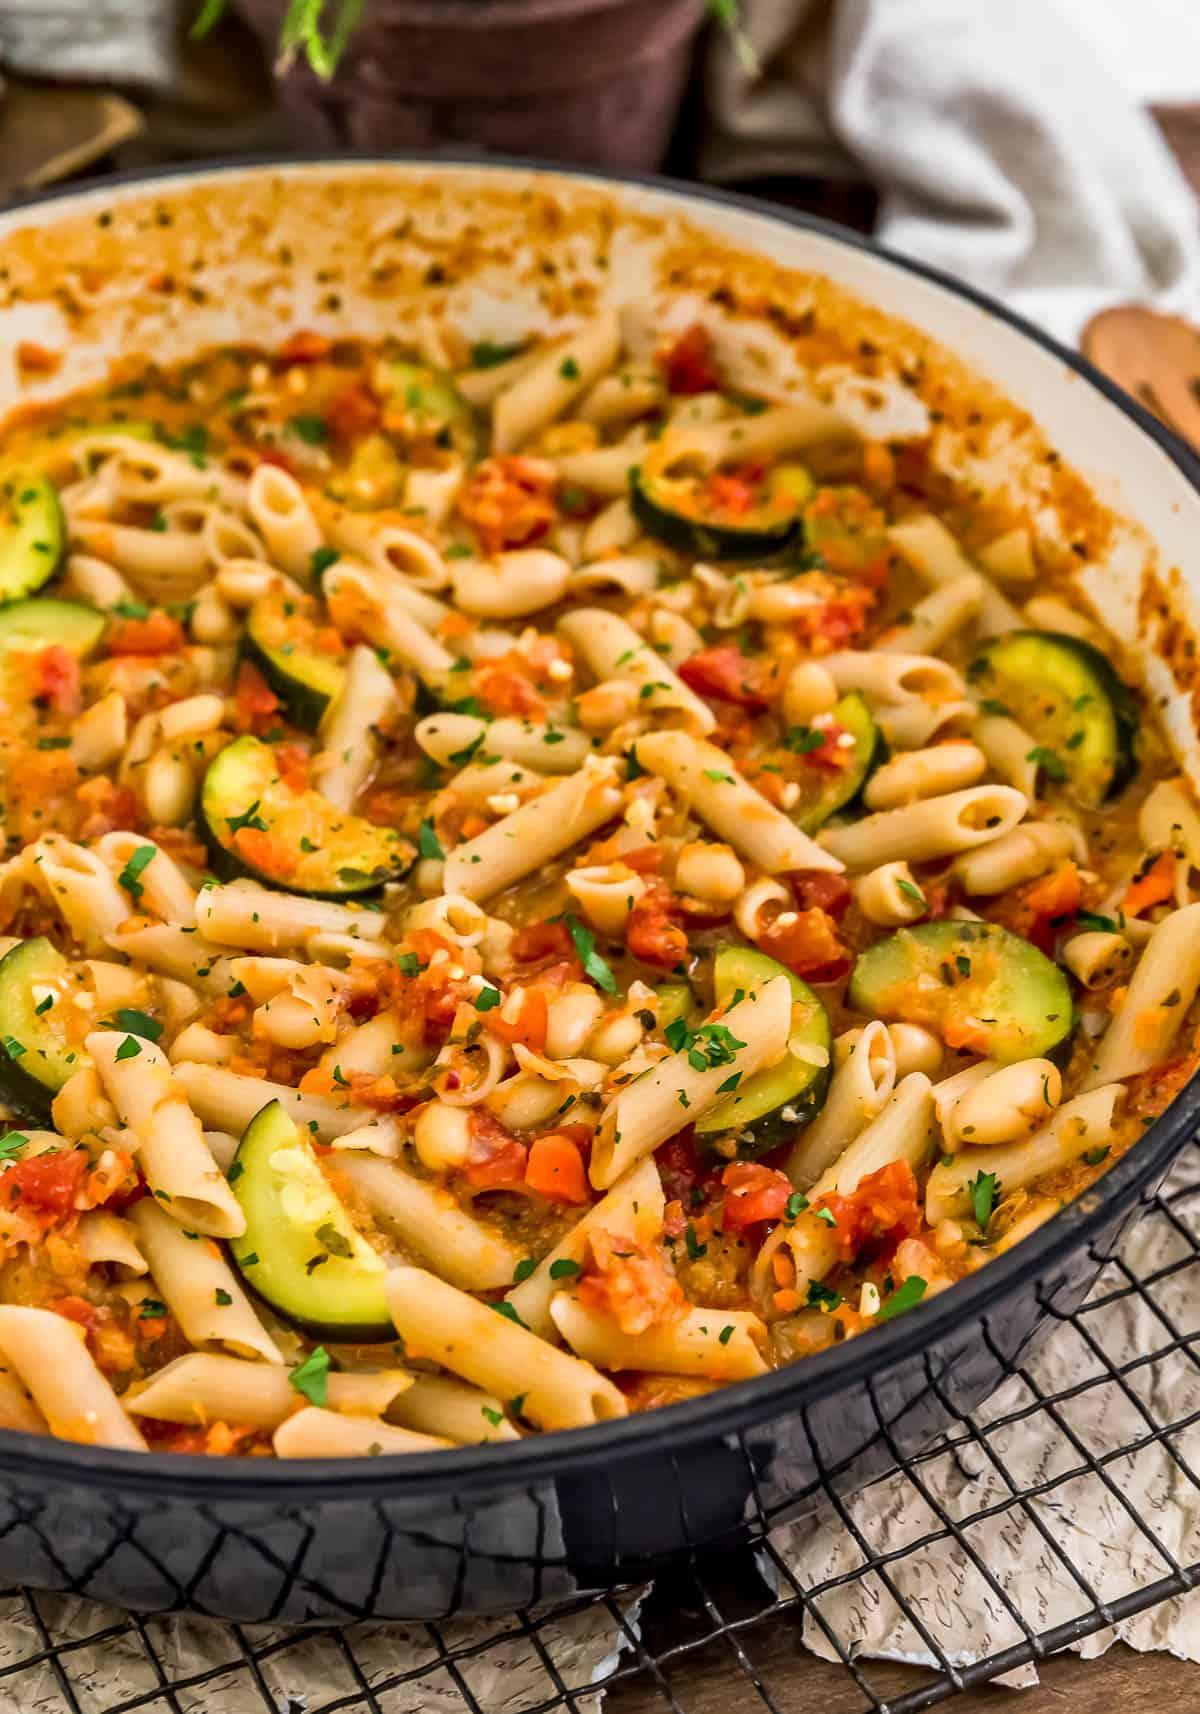 Skillet of Garden Veggie Ragu Pasta